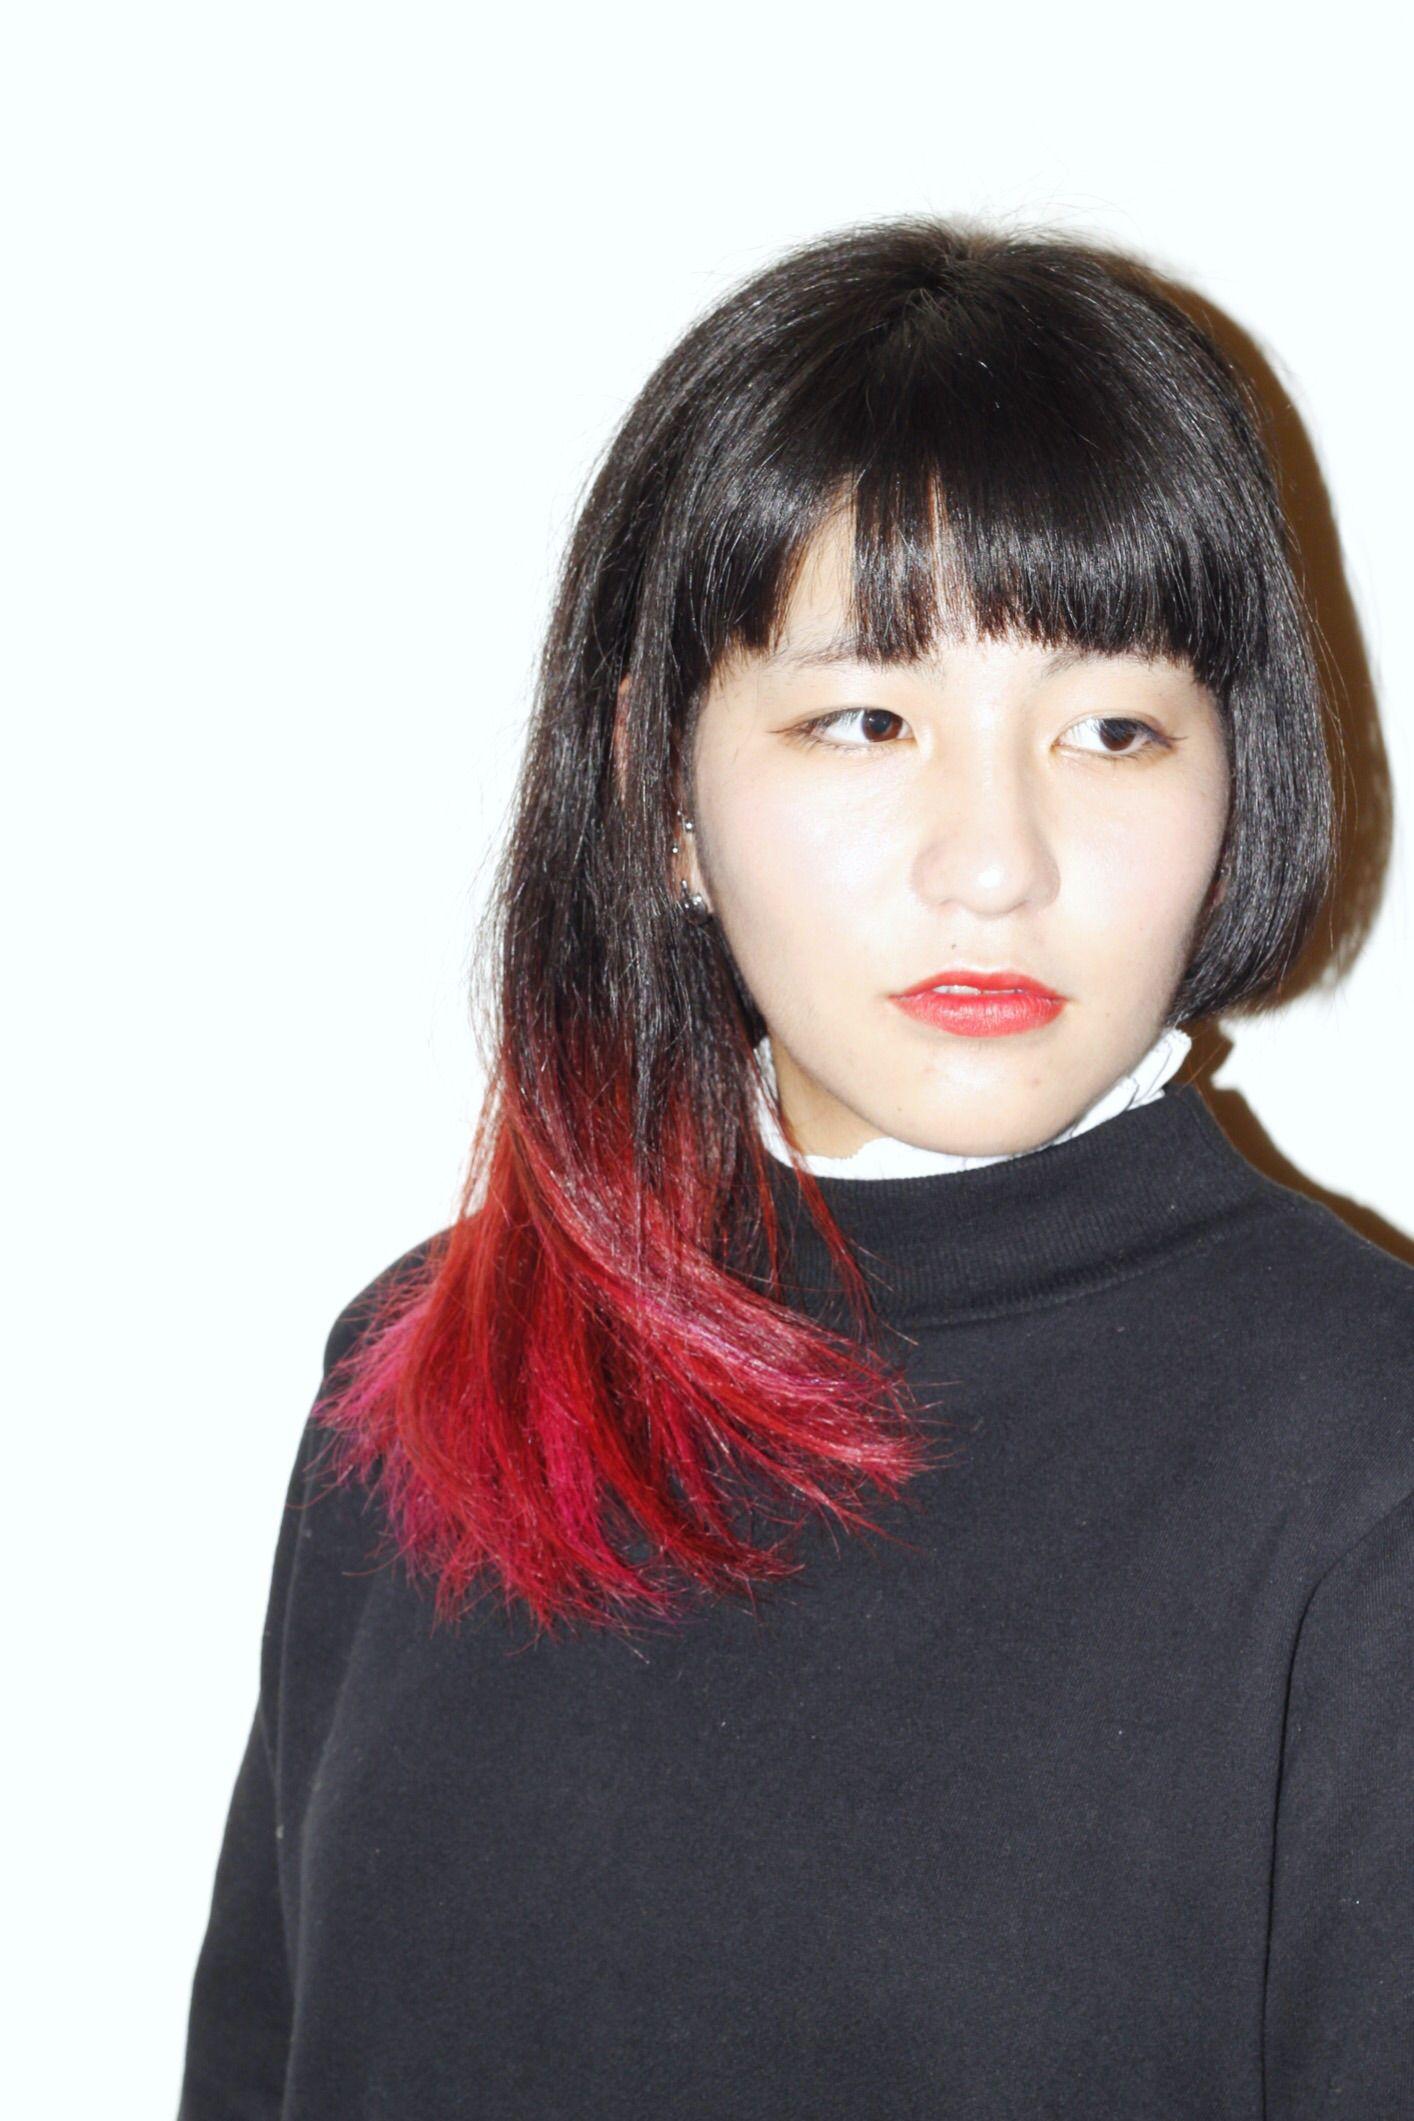 ミディアム アシンメトリー 髪型 女性